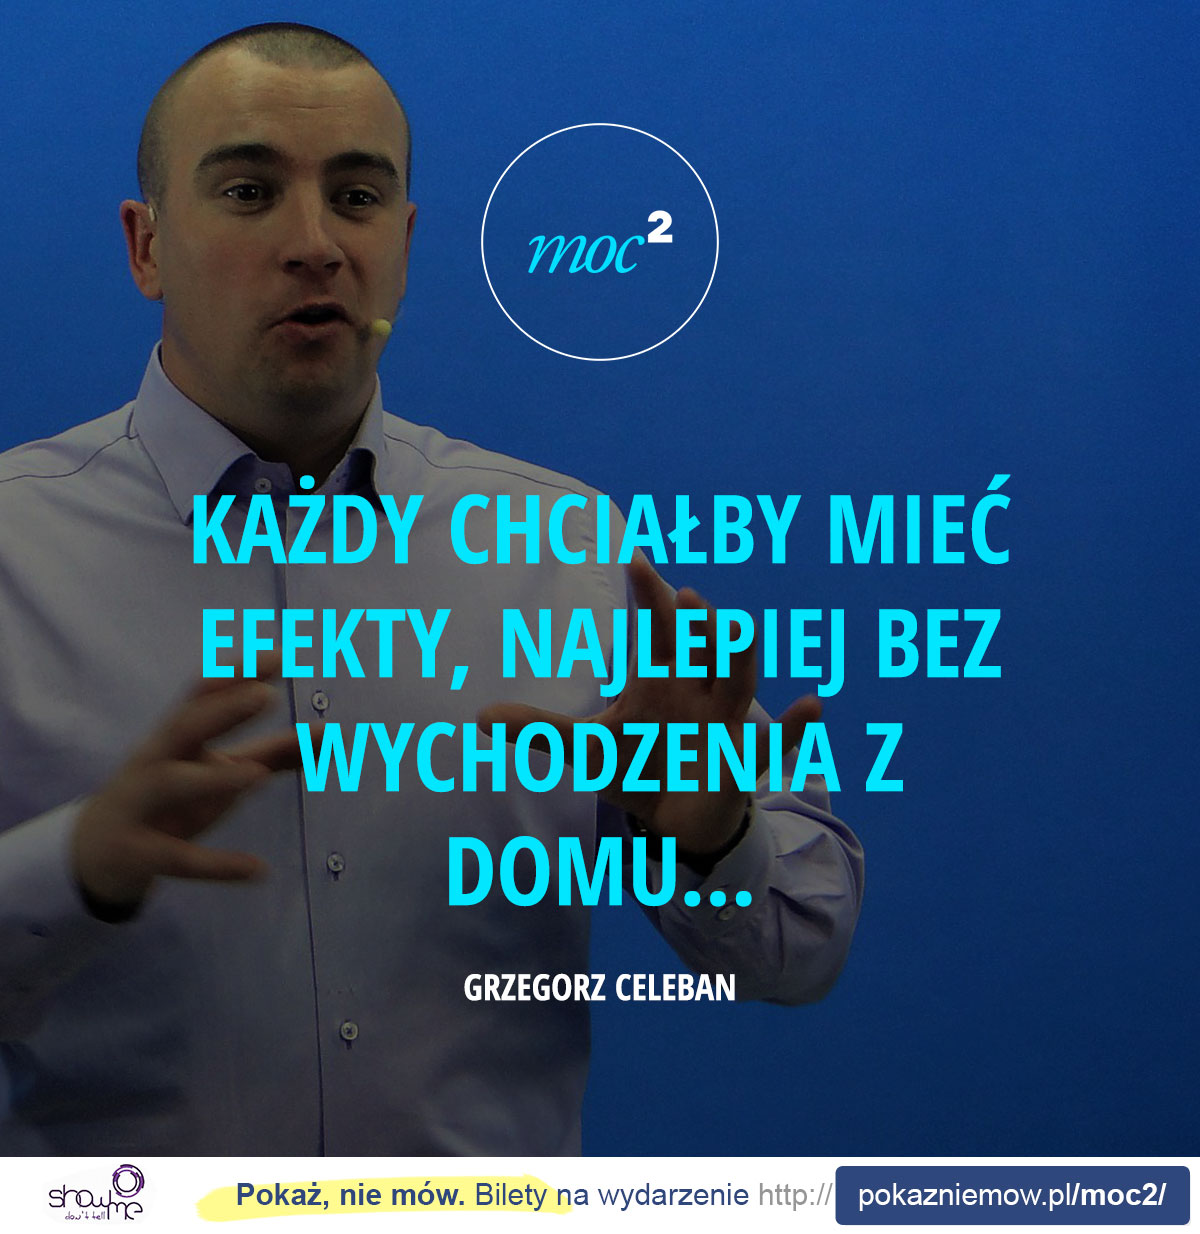 Każdy chciałby mieć efekty, najlepiej bez wychodzenia z domu... - Grzegorz Celeban